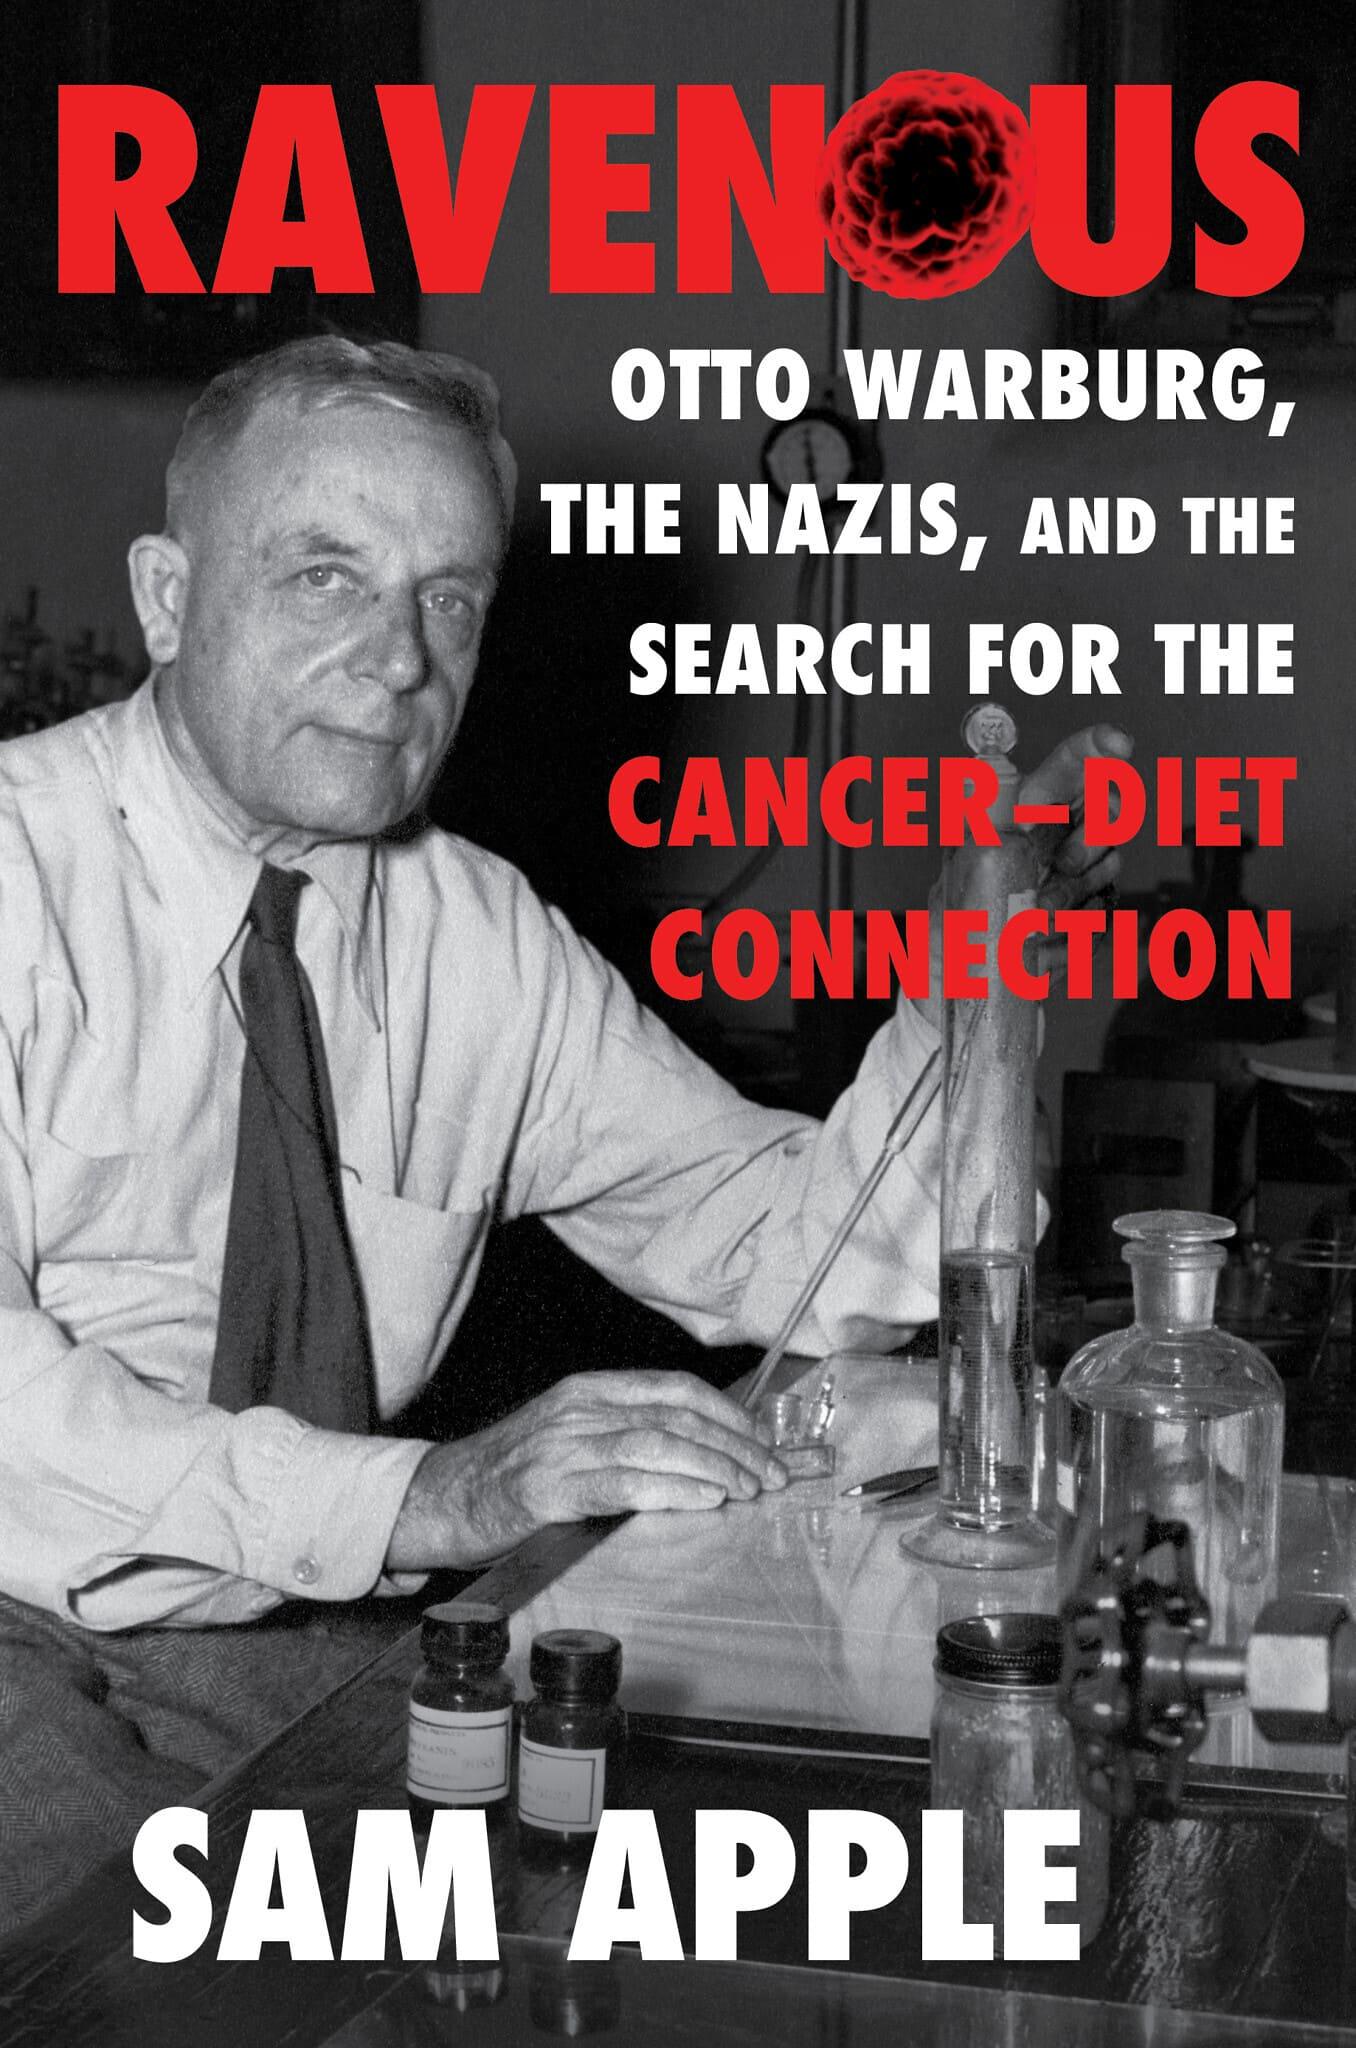 """כריכת ספרו של סם אפל """"רעבתנות: אוטו ורבורג, הנאצים, והחיפוש אחר קשר בין סרטן לתזונה"""" (צילום: Liveright)"""